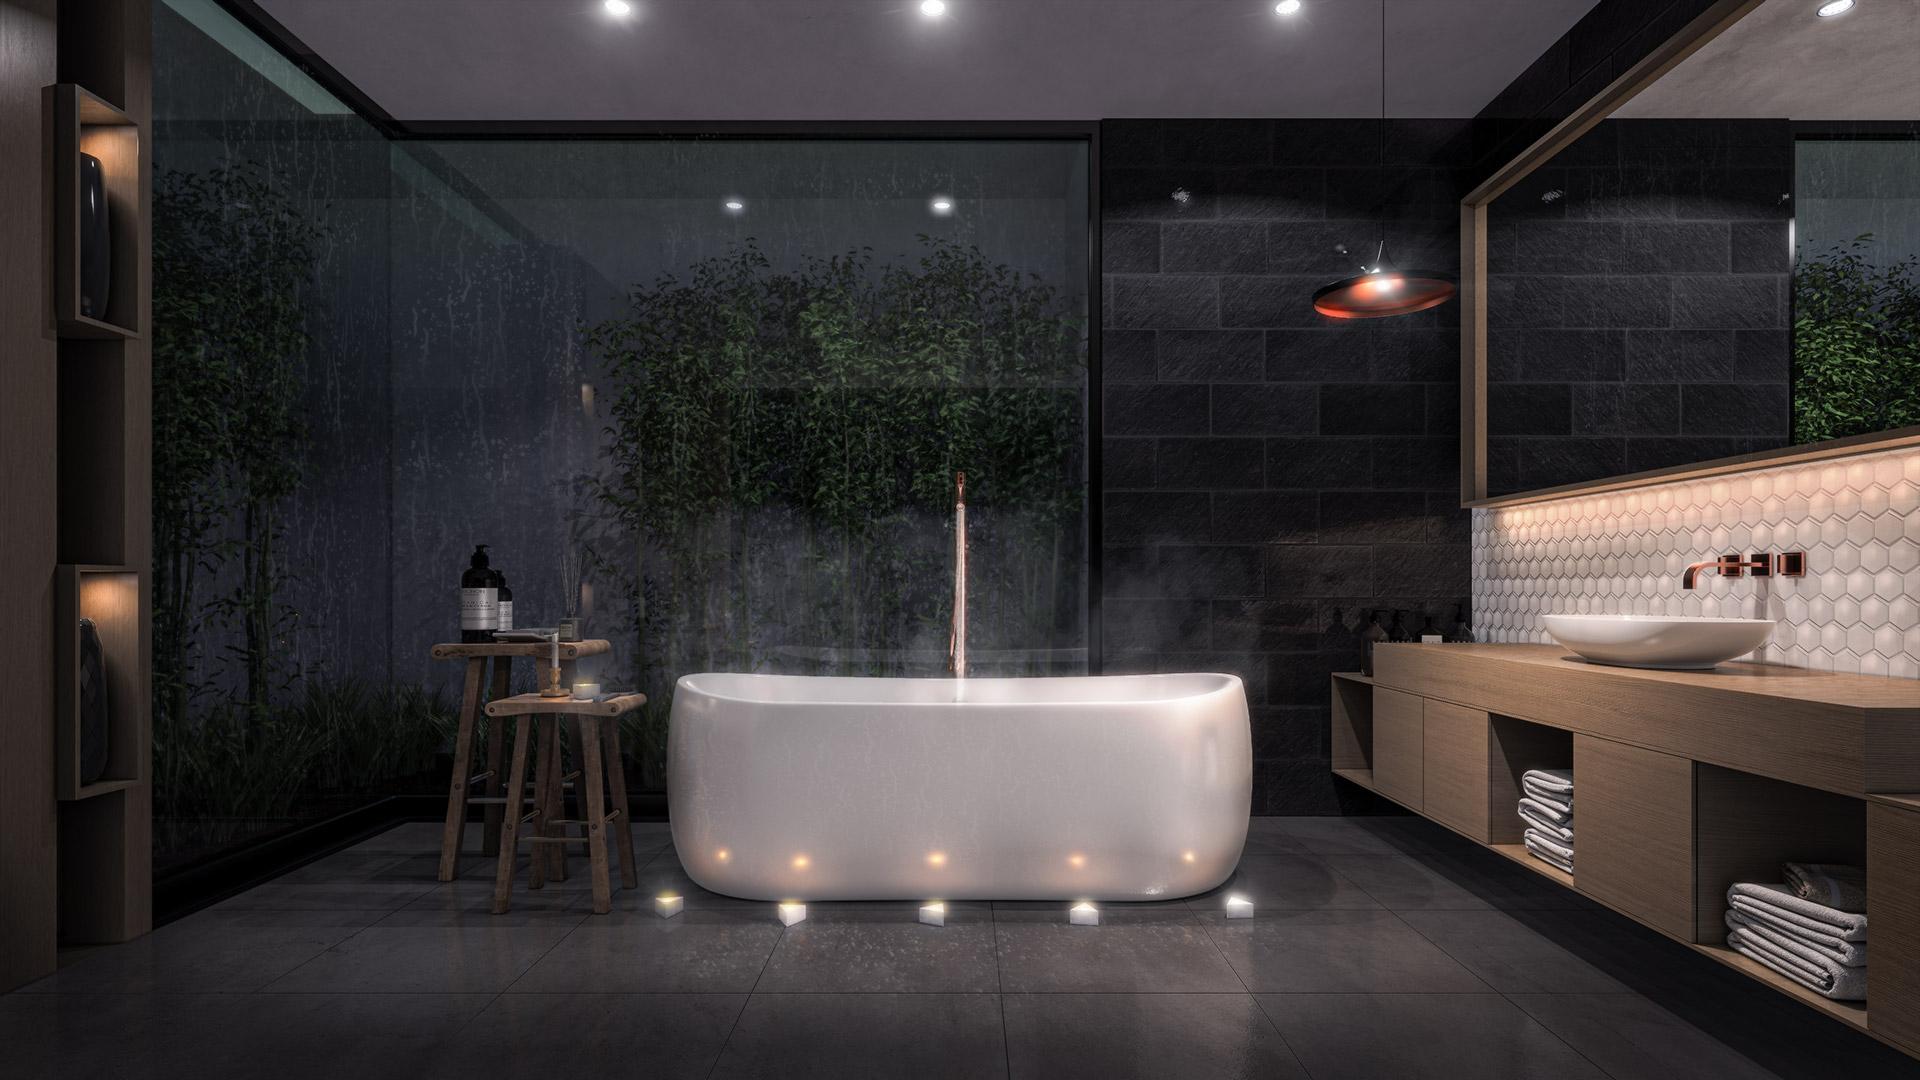 Bathroom Light Study Night